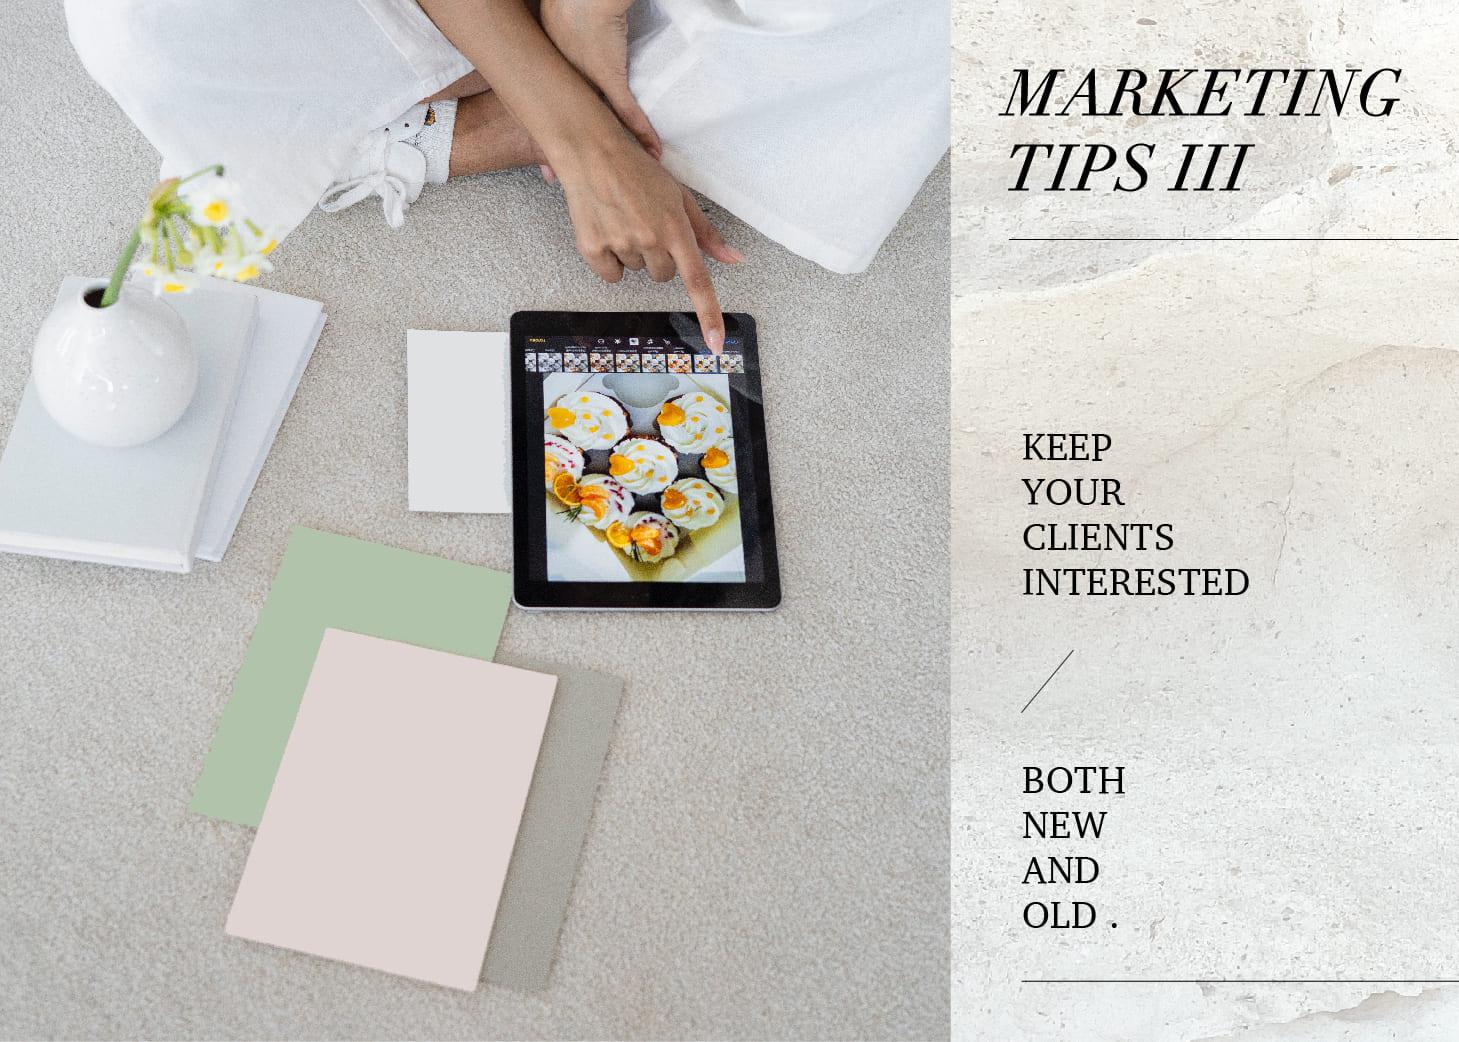 【行銷人】品牌經營有道之三 — 「新舊客戶」都買單!讓消費者心花怒放的小妙招